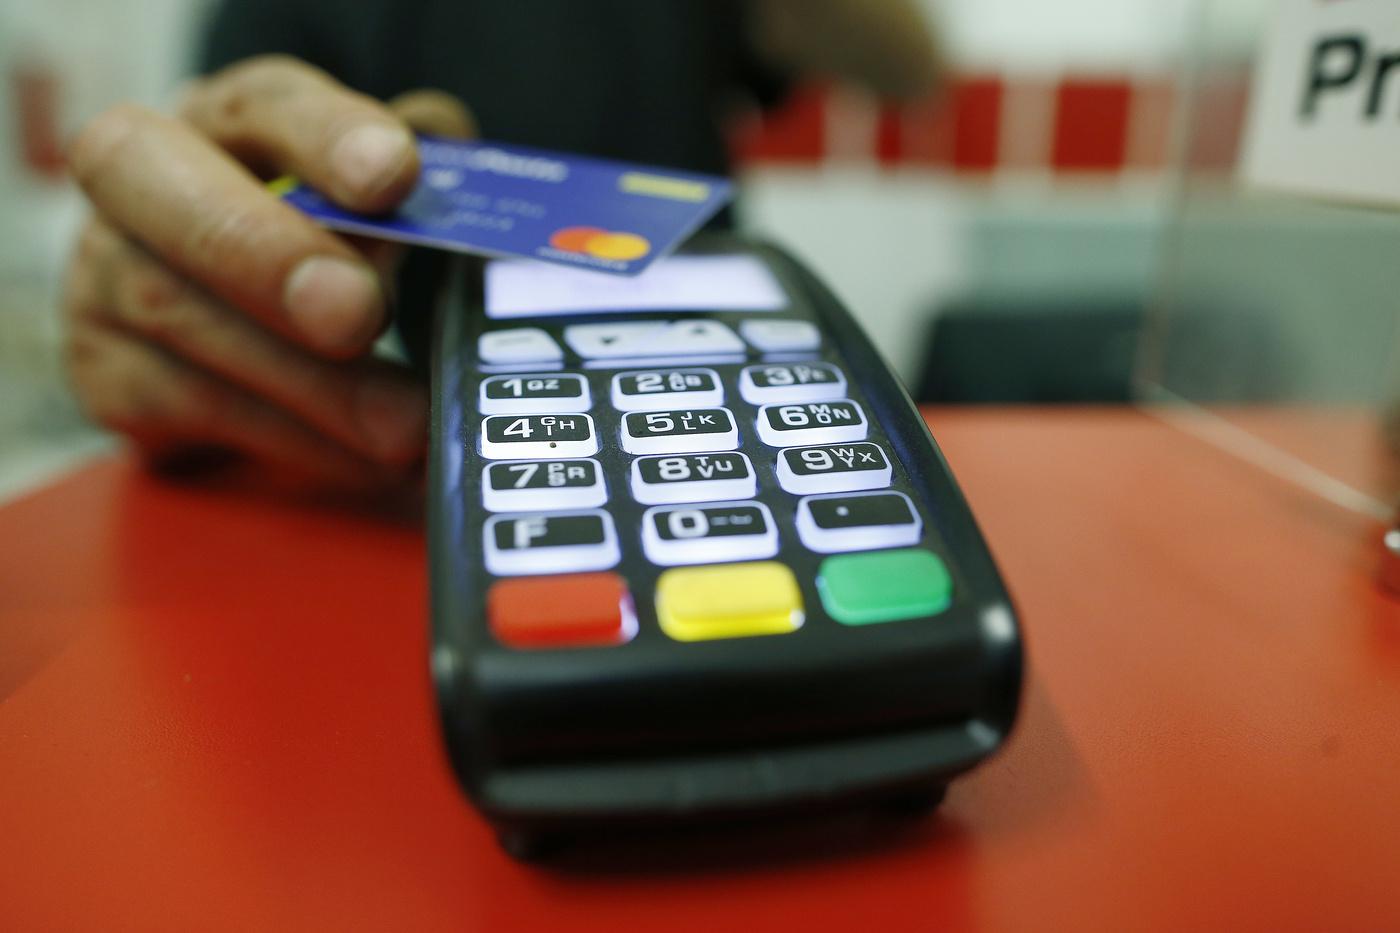 Al via il Piano Cashback per i pagamenti elettronici: previsti rimborsi fino a 3.450 euro il primo anno